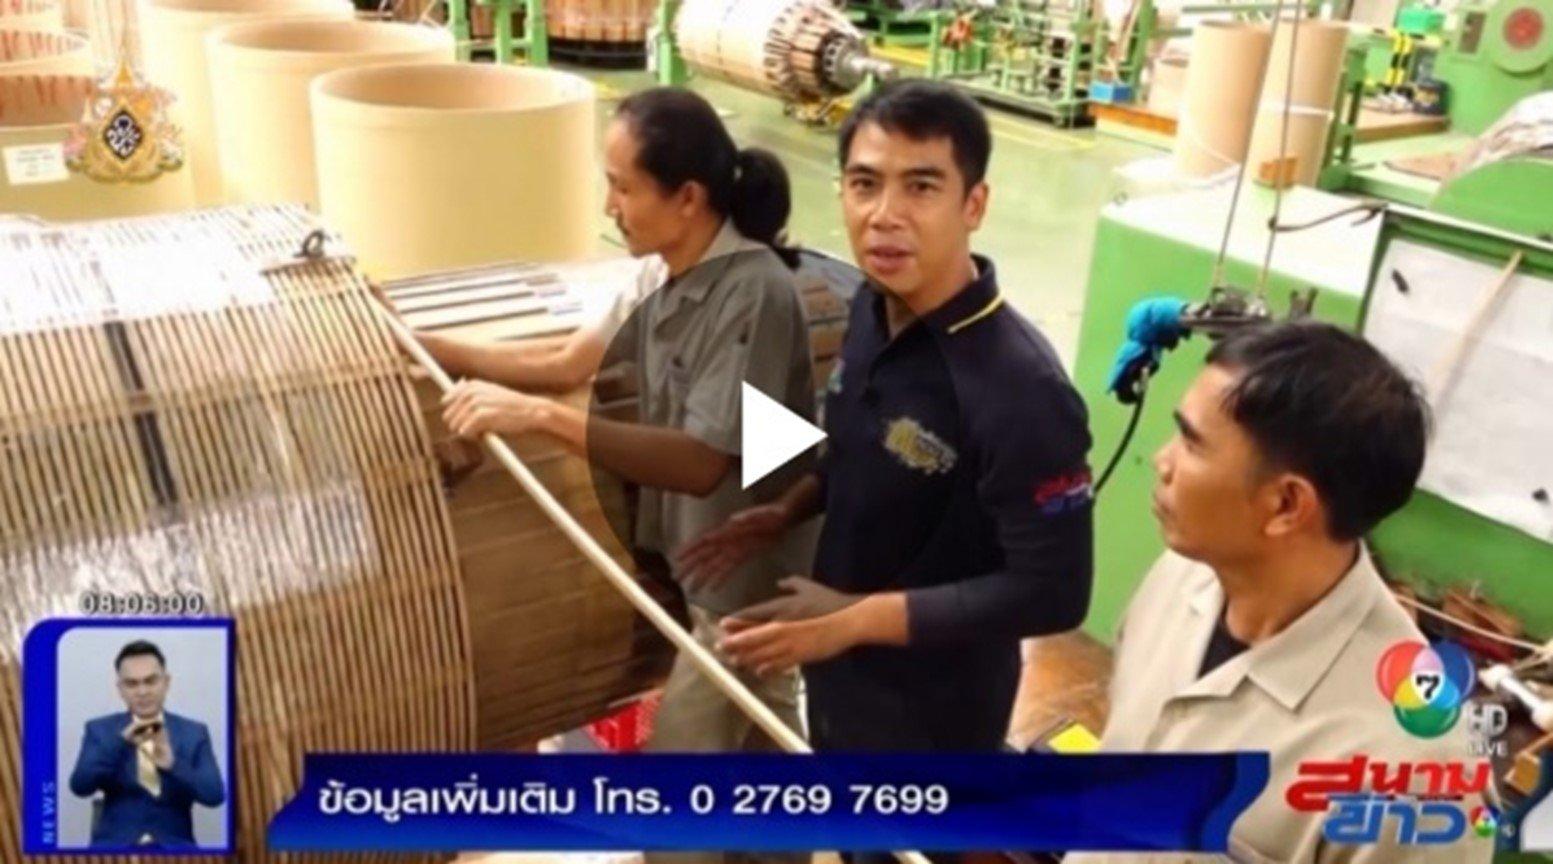 """ถิรไทย ยินดีและภูมิใจที่ได้ส่งมอบสิ่งดี ๆเพื่อสังคมไทยรายการ """"กล้าลอง กล้าลุย"""""""